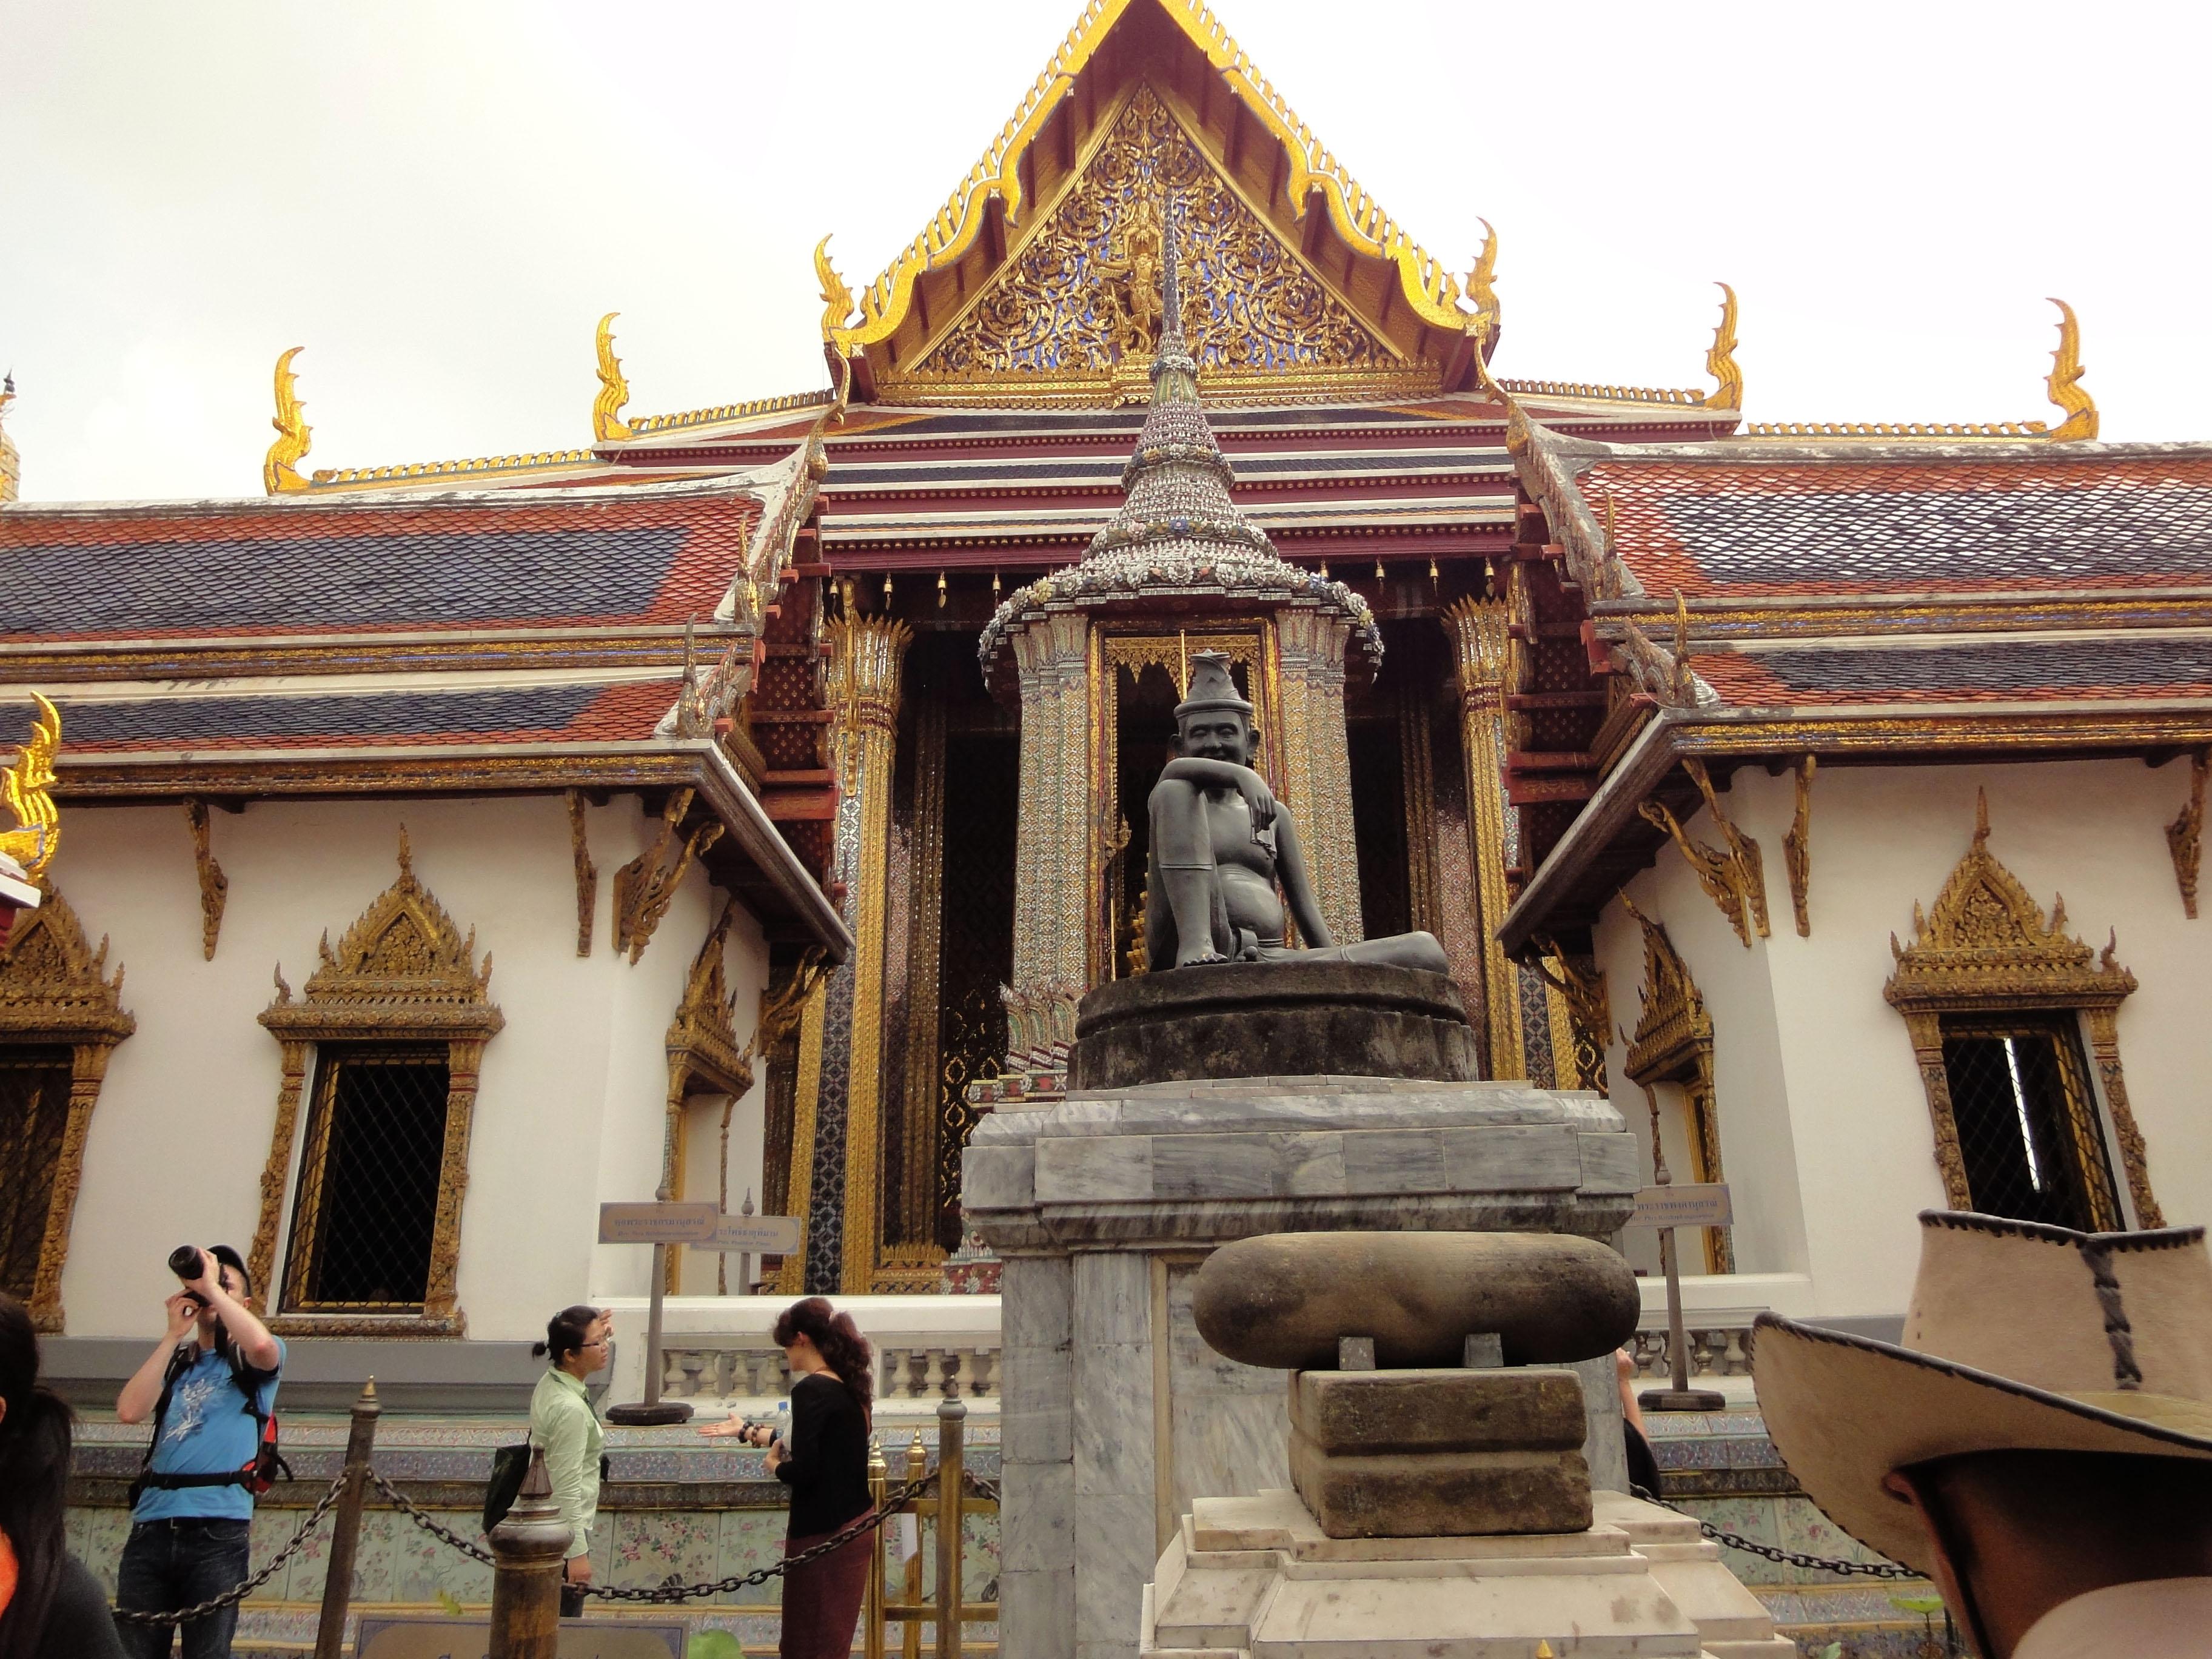 Grand Palace Phra Borom Maha Ratcha Wang Bangkok Thailand 01